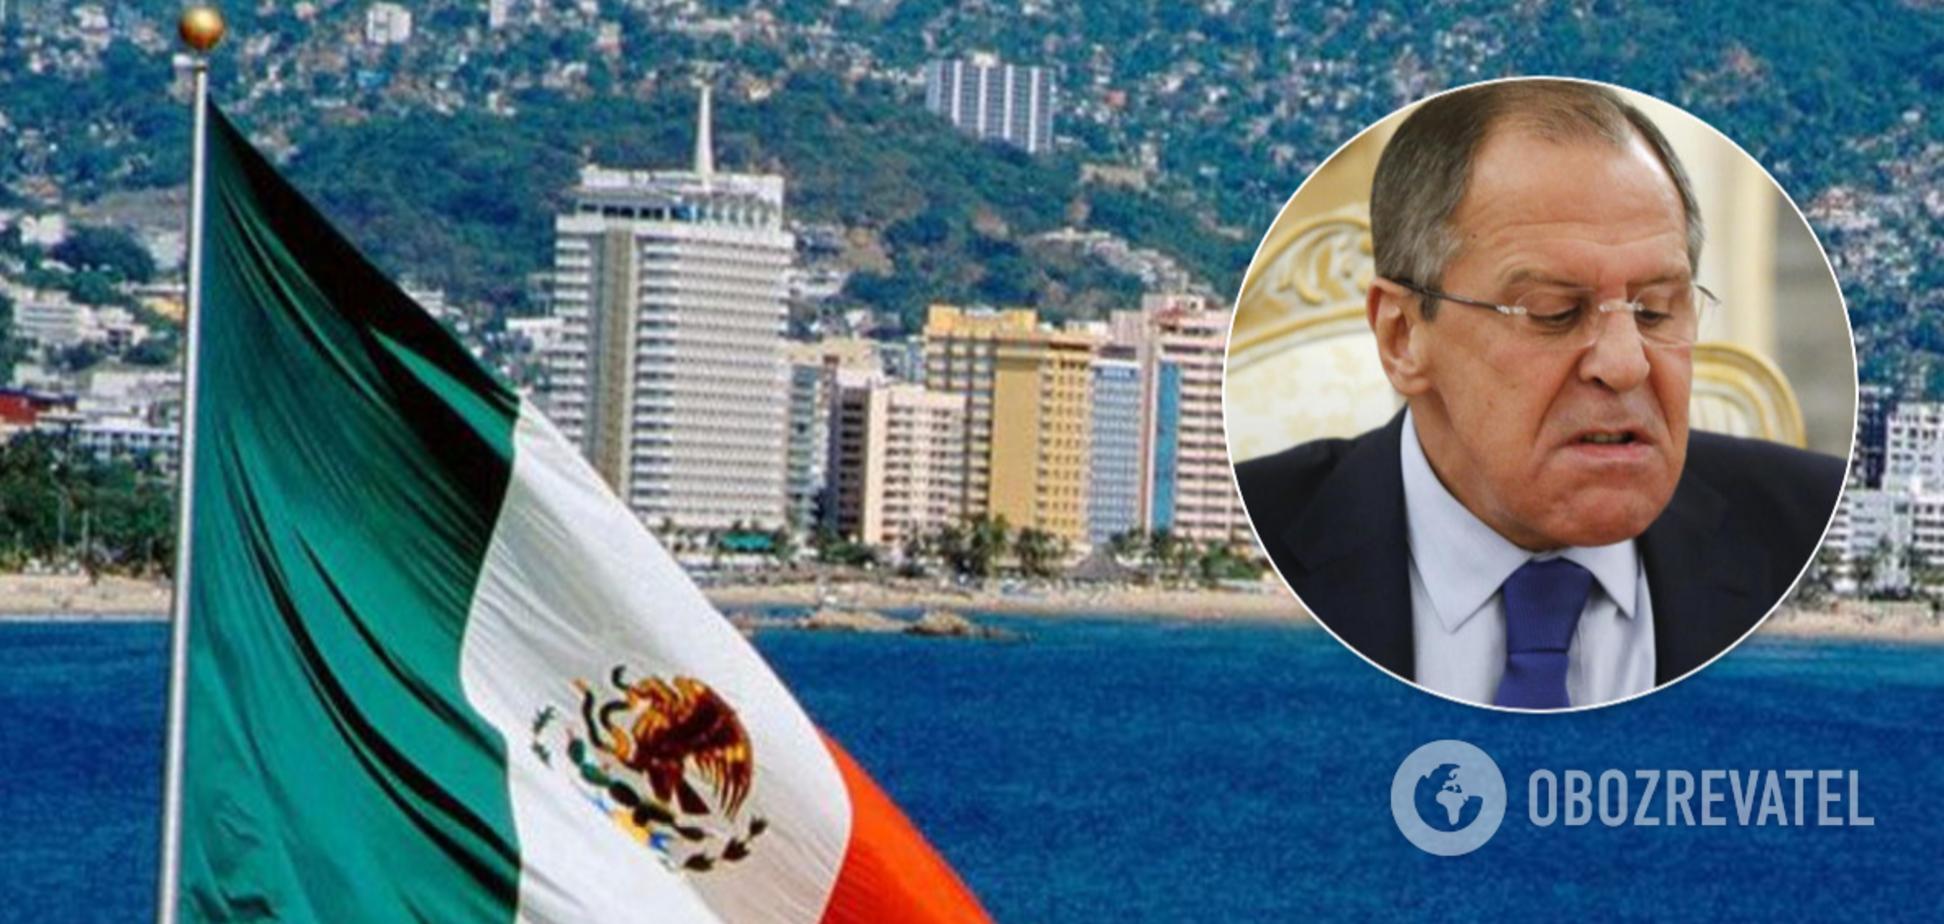 Мексика 'обломала' Россию с масштабной военной сделкой